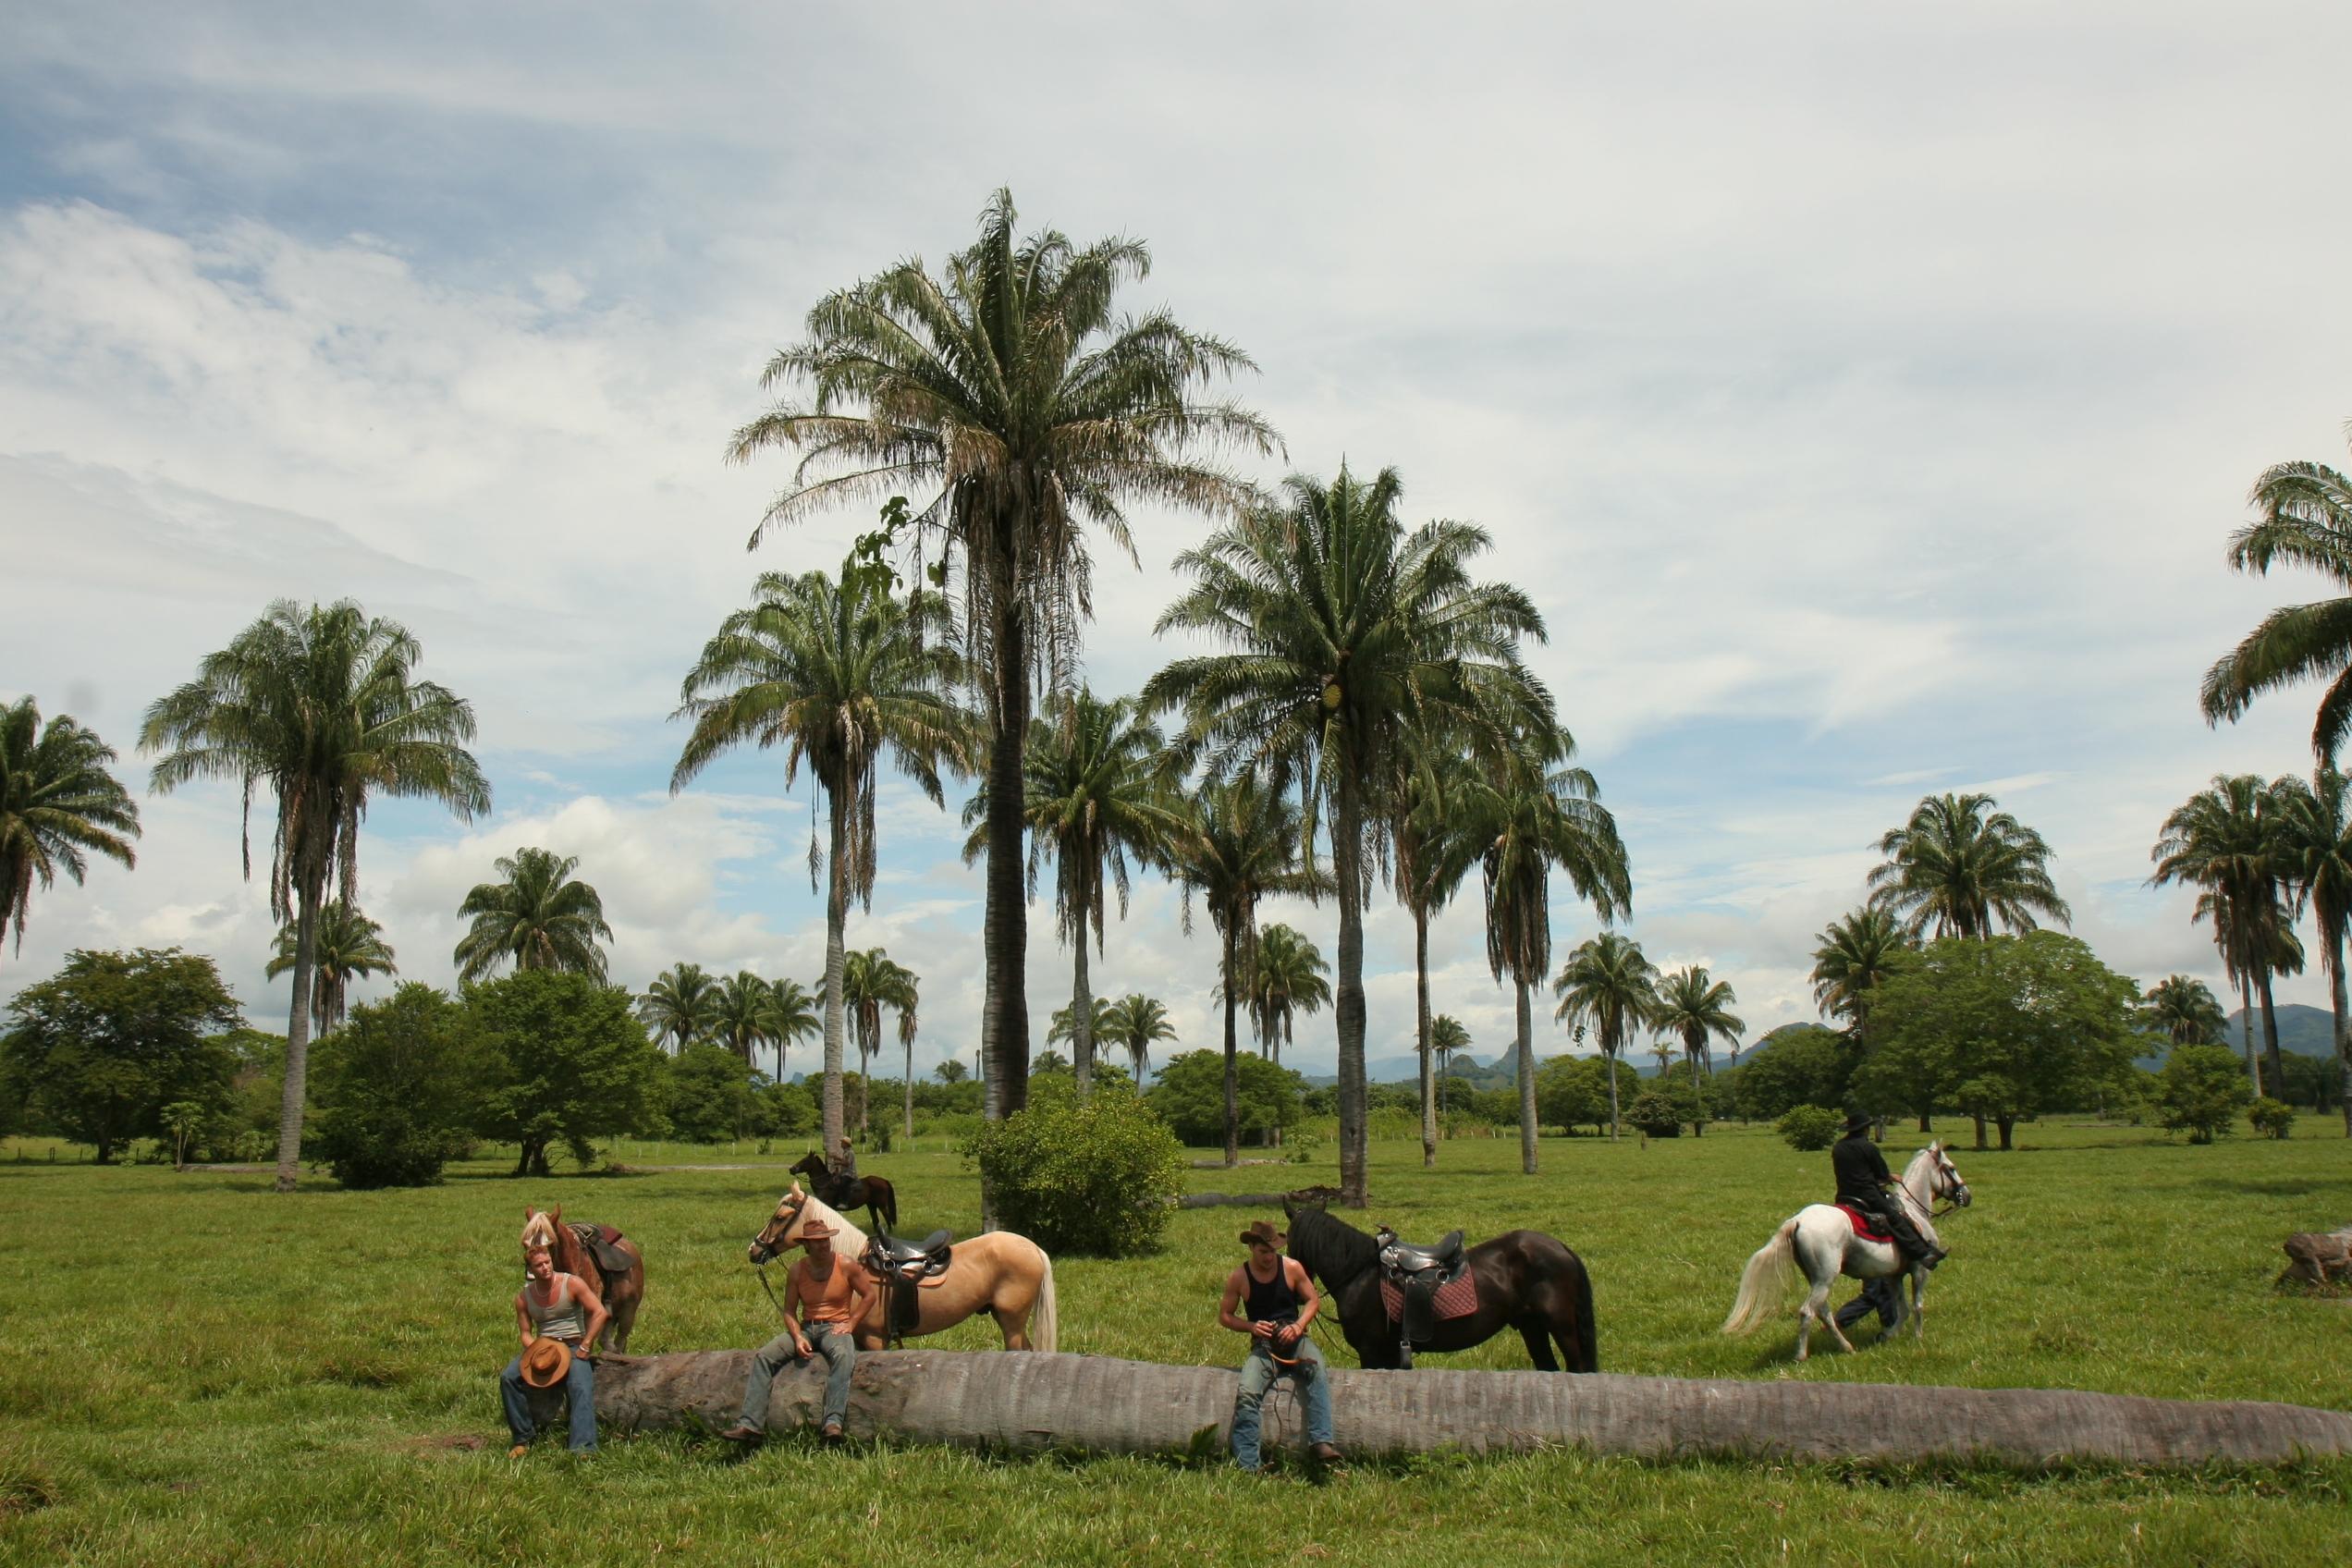 Potreros y peones-Locación la Dorada